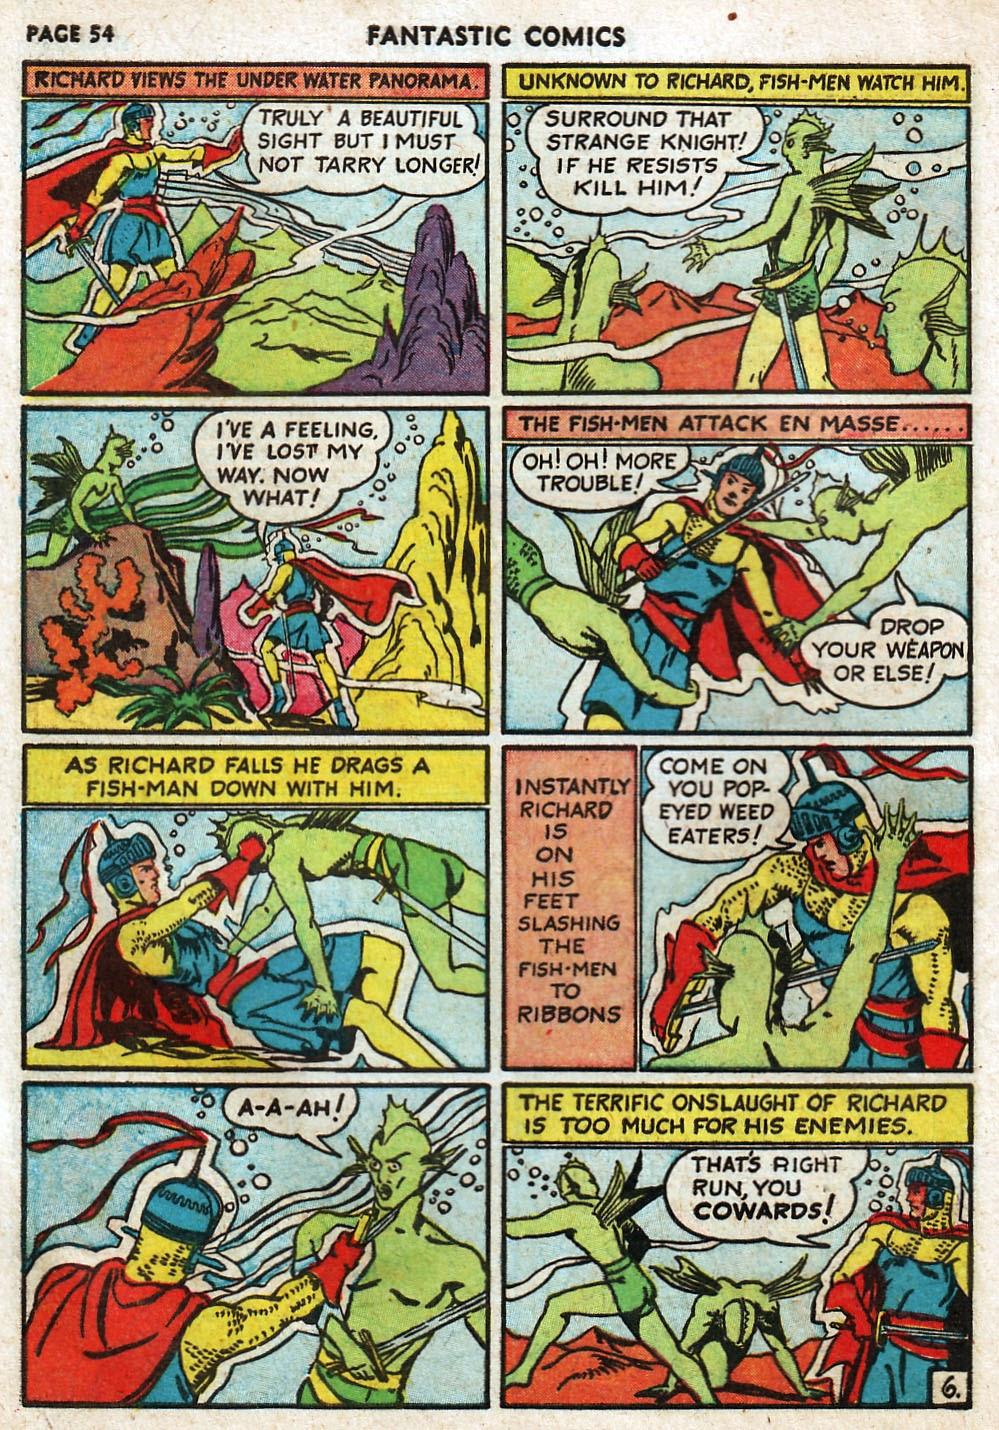 Read online Fantastic Comics comic -  Issue #17 - 55